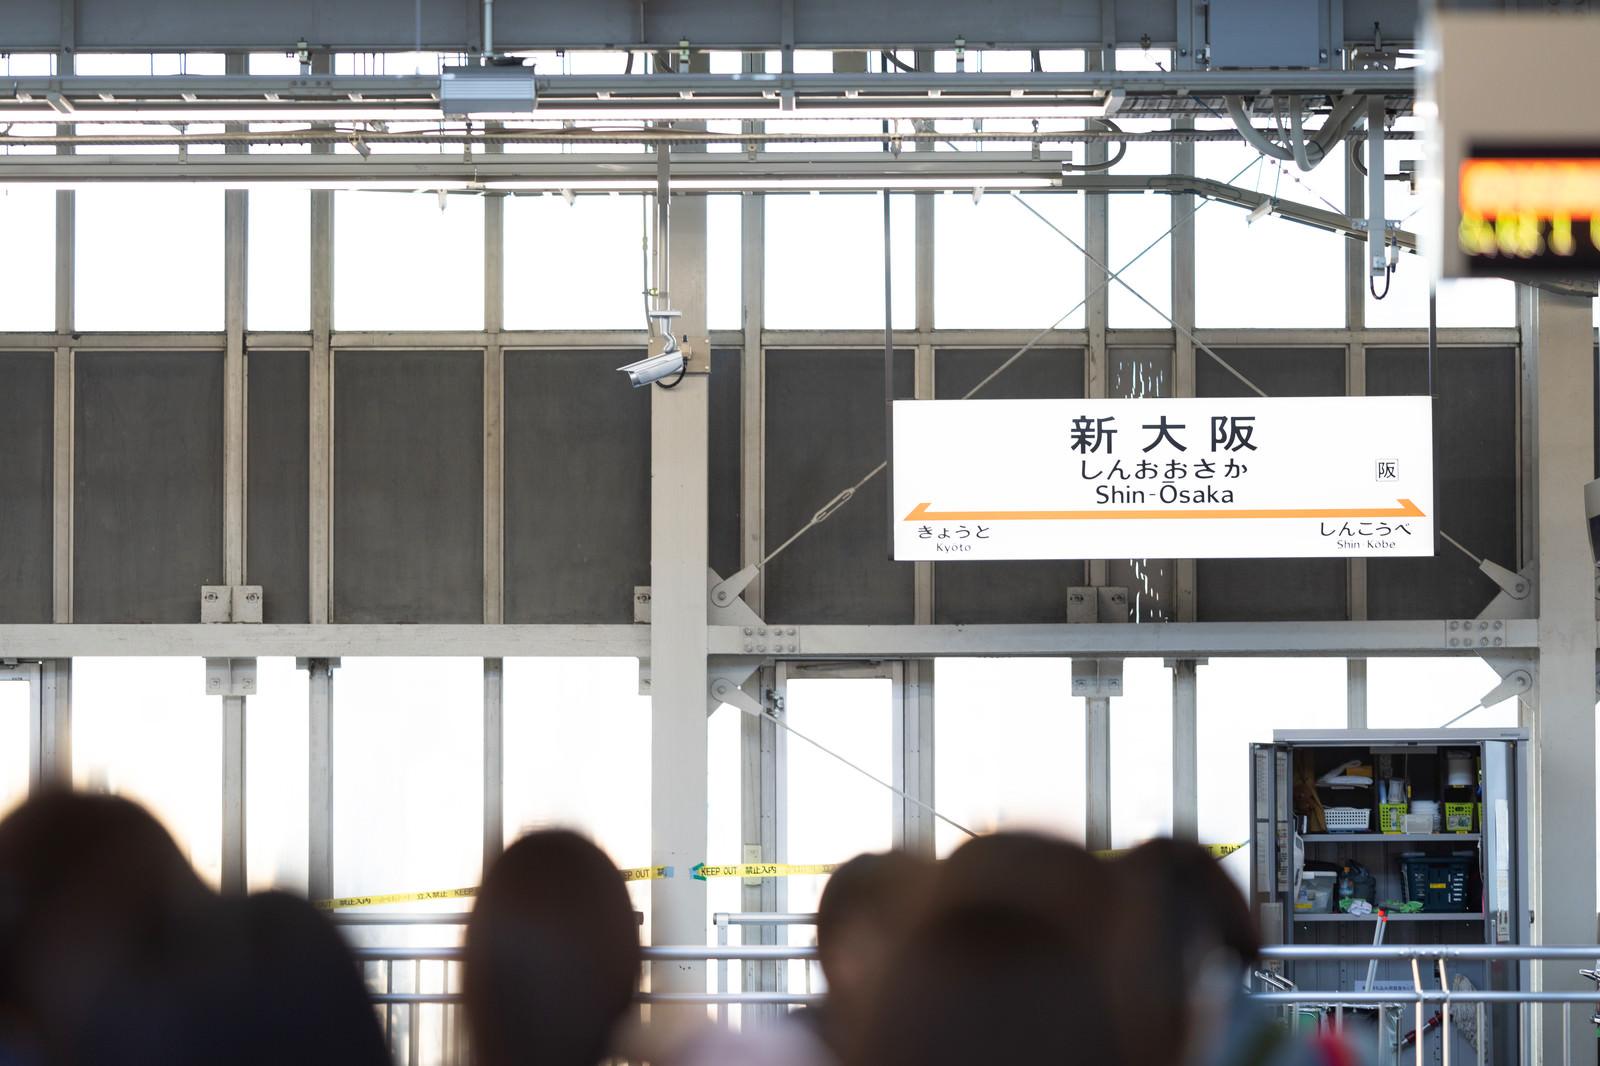 「新大阪の駅名標」の写真